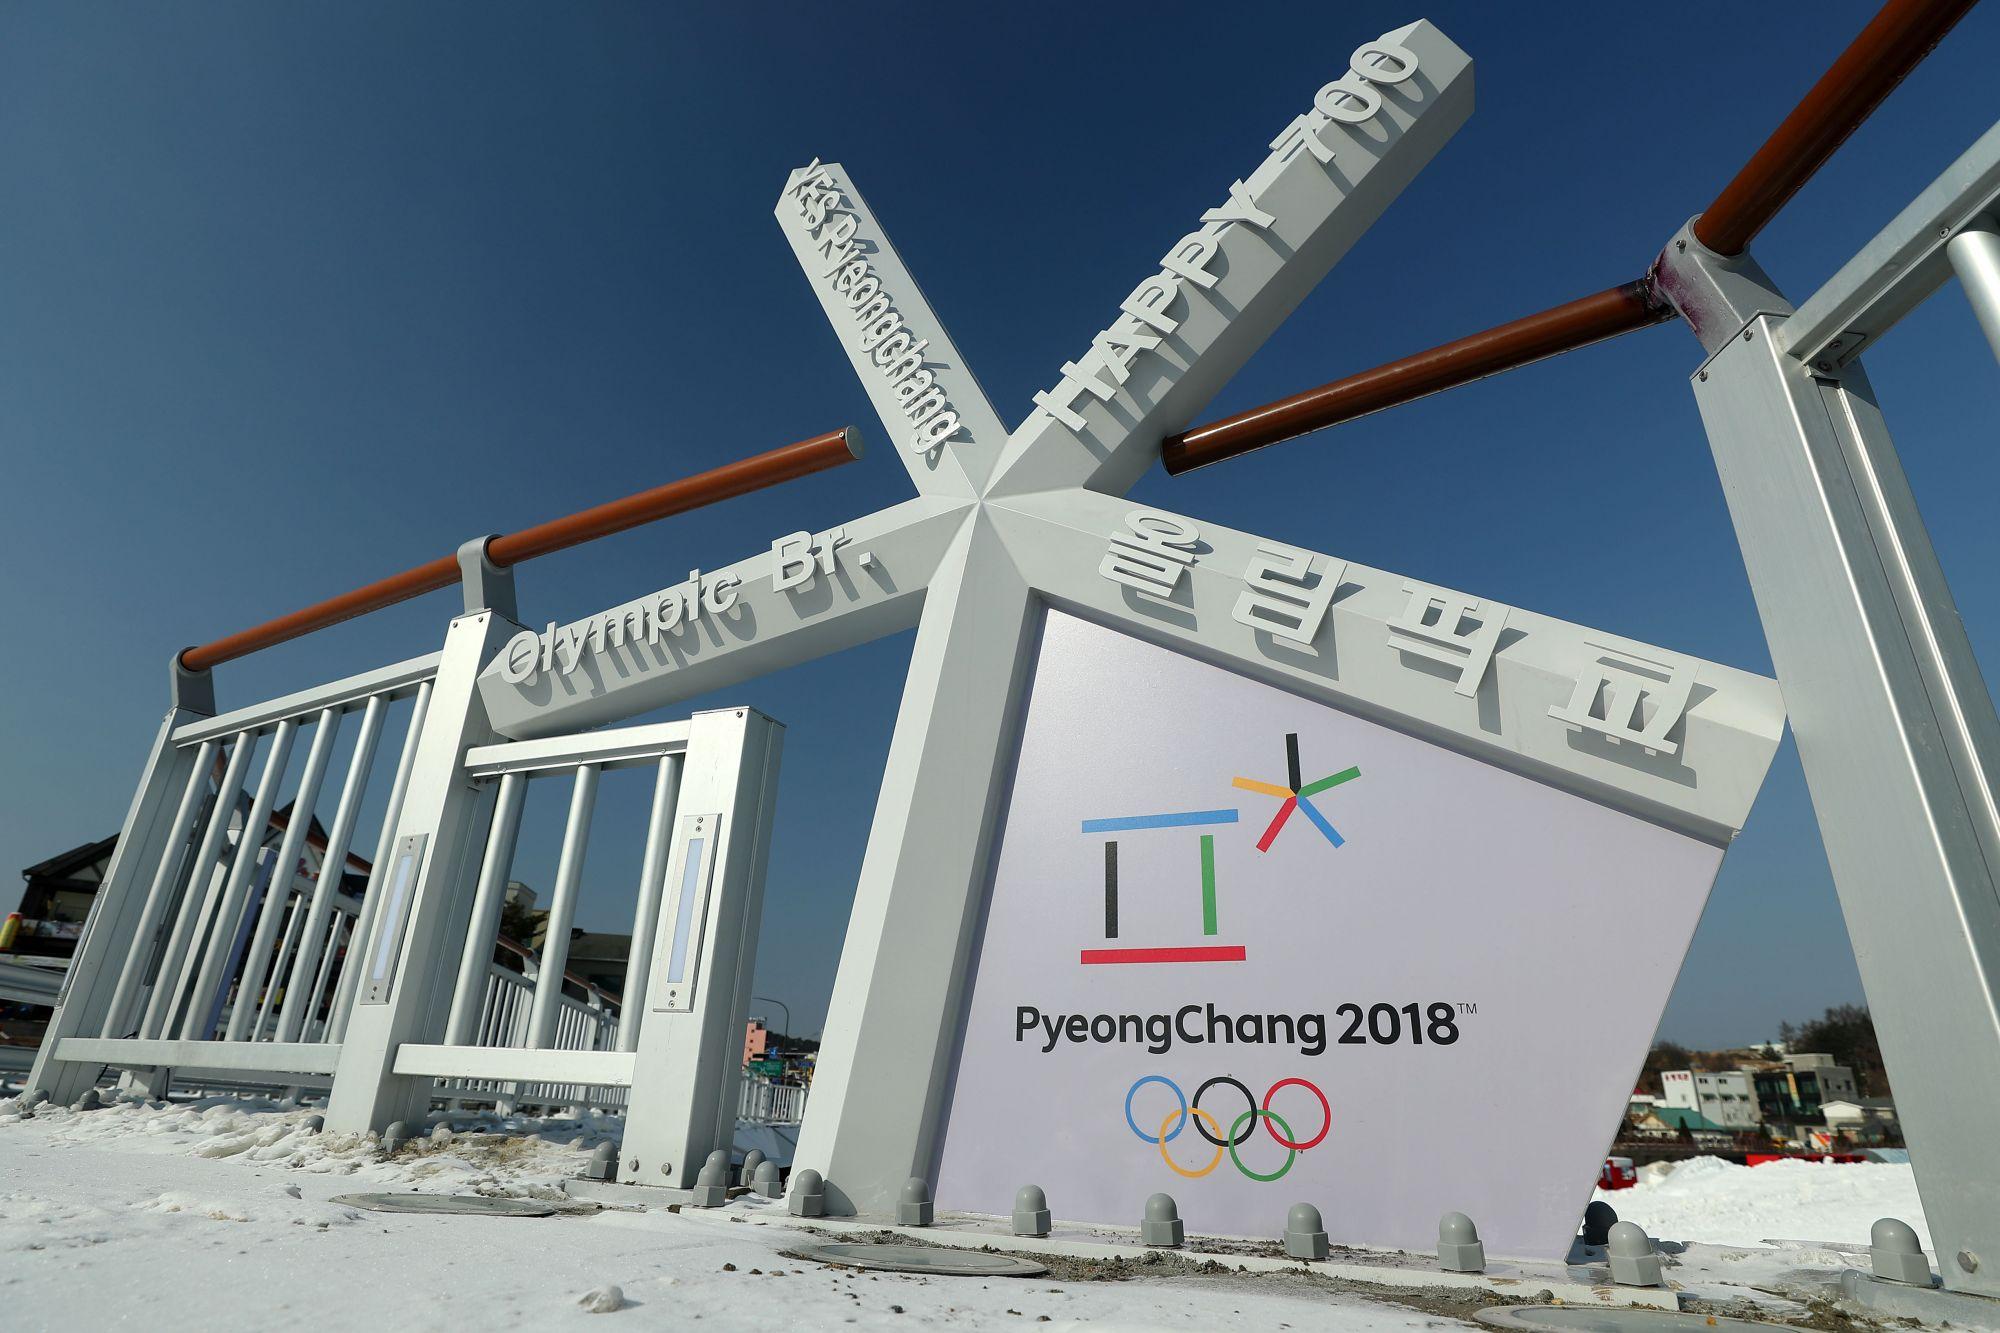 Pyeongchang de meest duurzame Olympische Spelen op gebied van energie